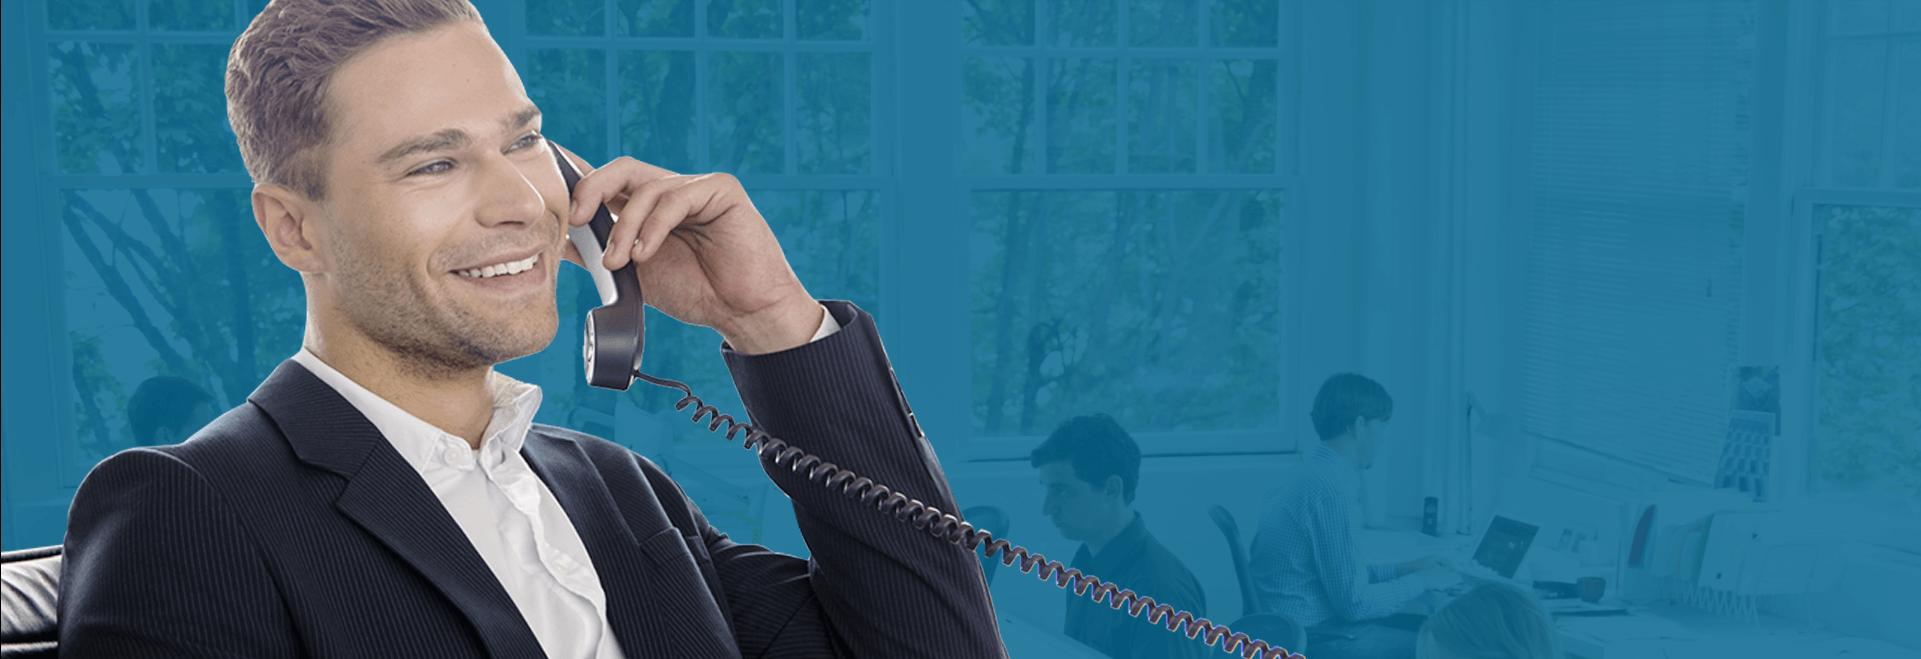 S-Series VoIP PBX bg